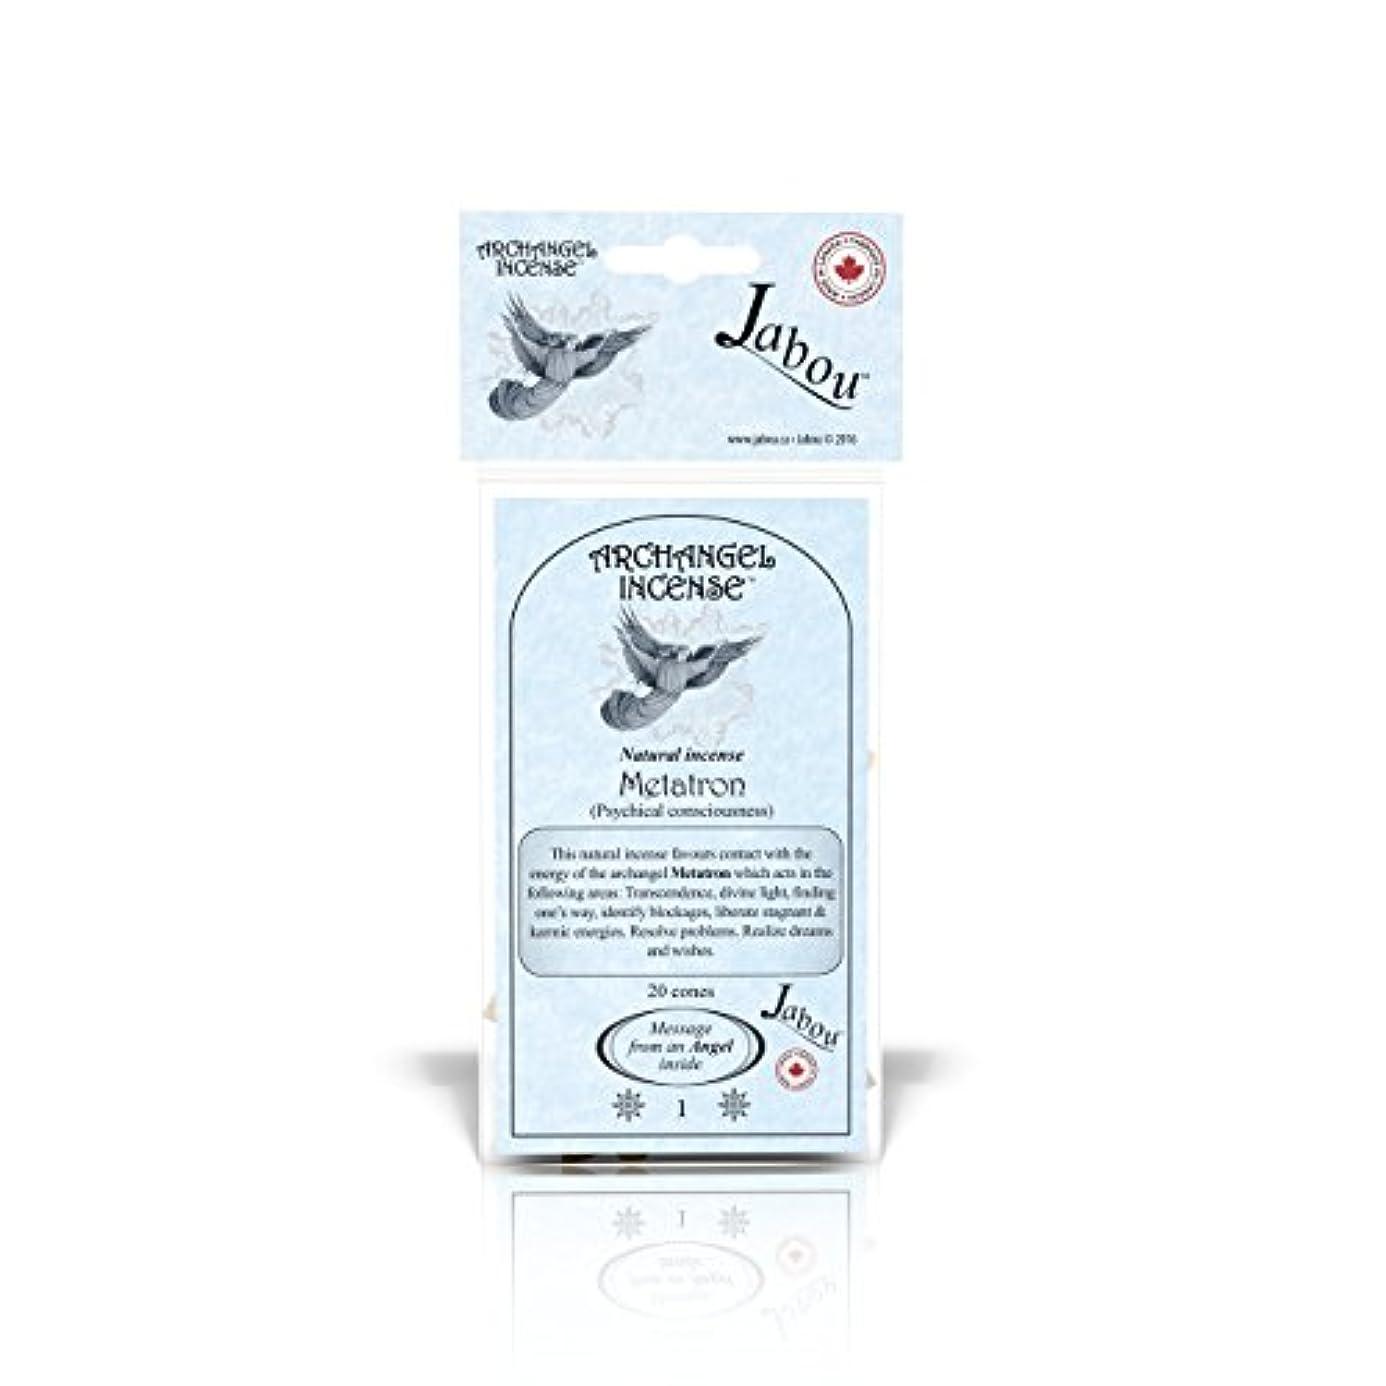 前売平和的オーラルJabou 大天使 100%天然お香 コーン - 12個の香り - 瞑想 ヨガ リラクゼーション マジック ヒーリング 祈り 儀式 - 20個のコーン - 各30分以上持続